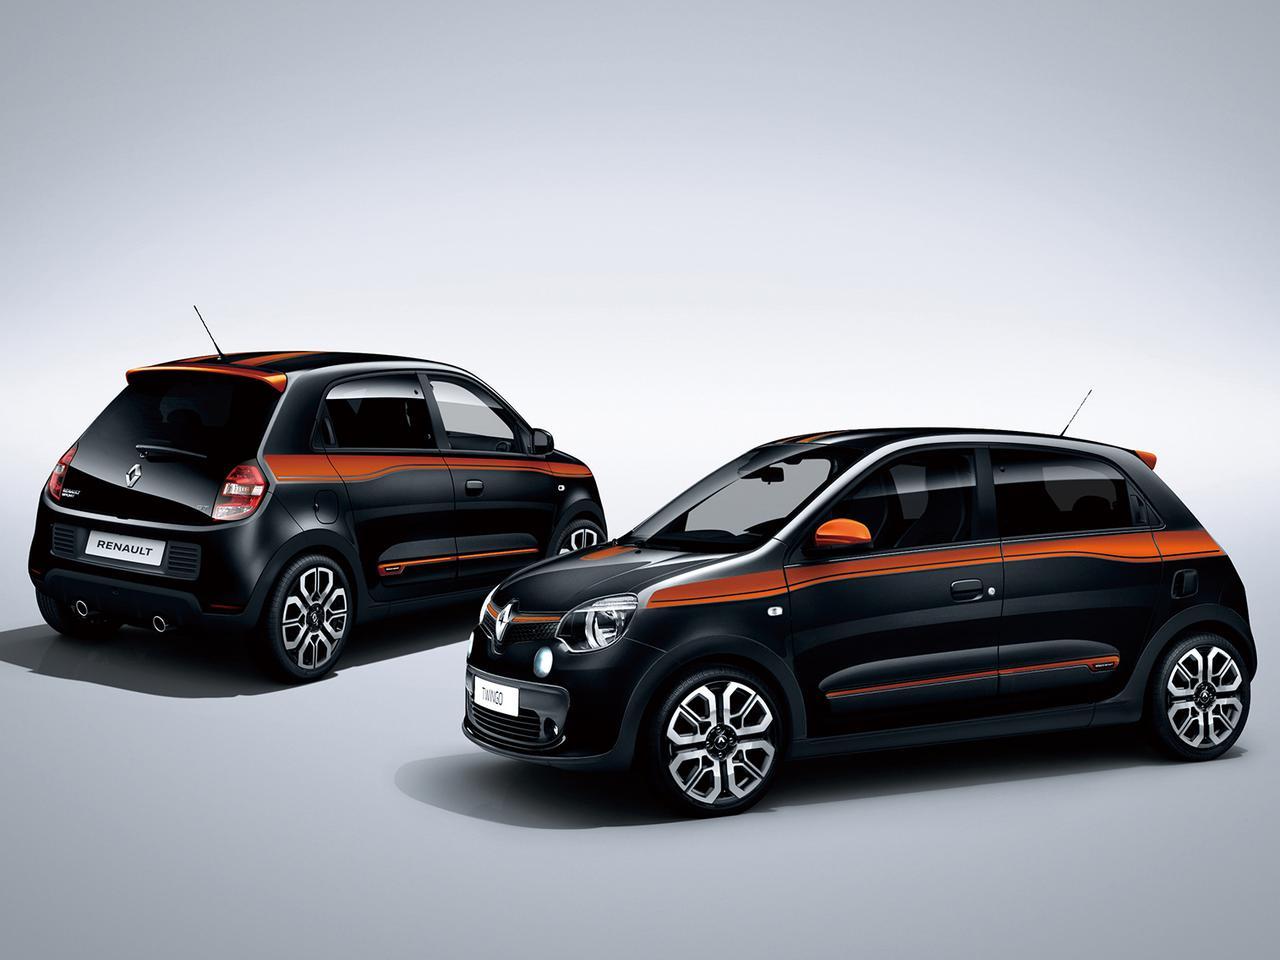 ブラックボディにオレンジデカールの限定車「ルノートゥインゴGTノワール」発売